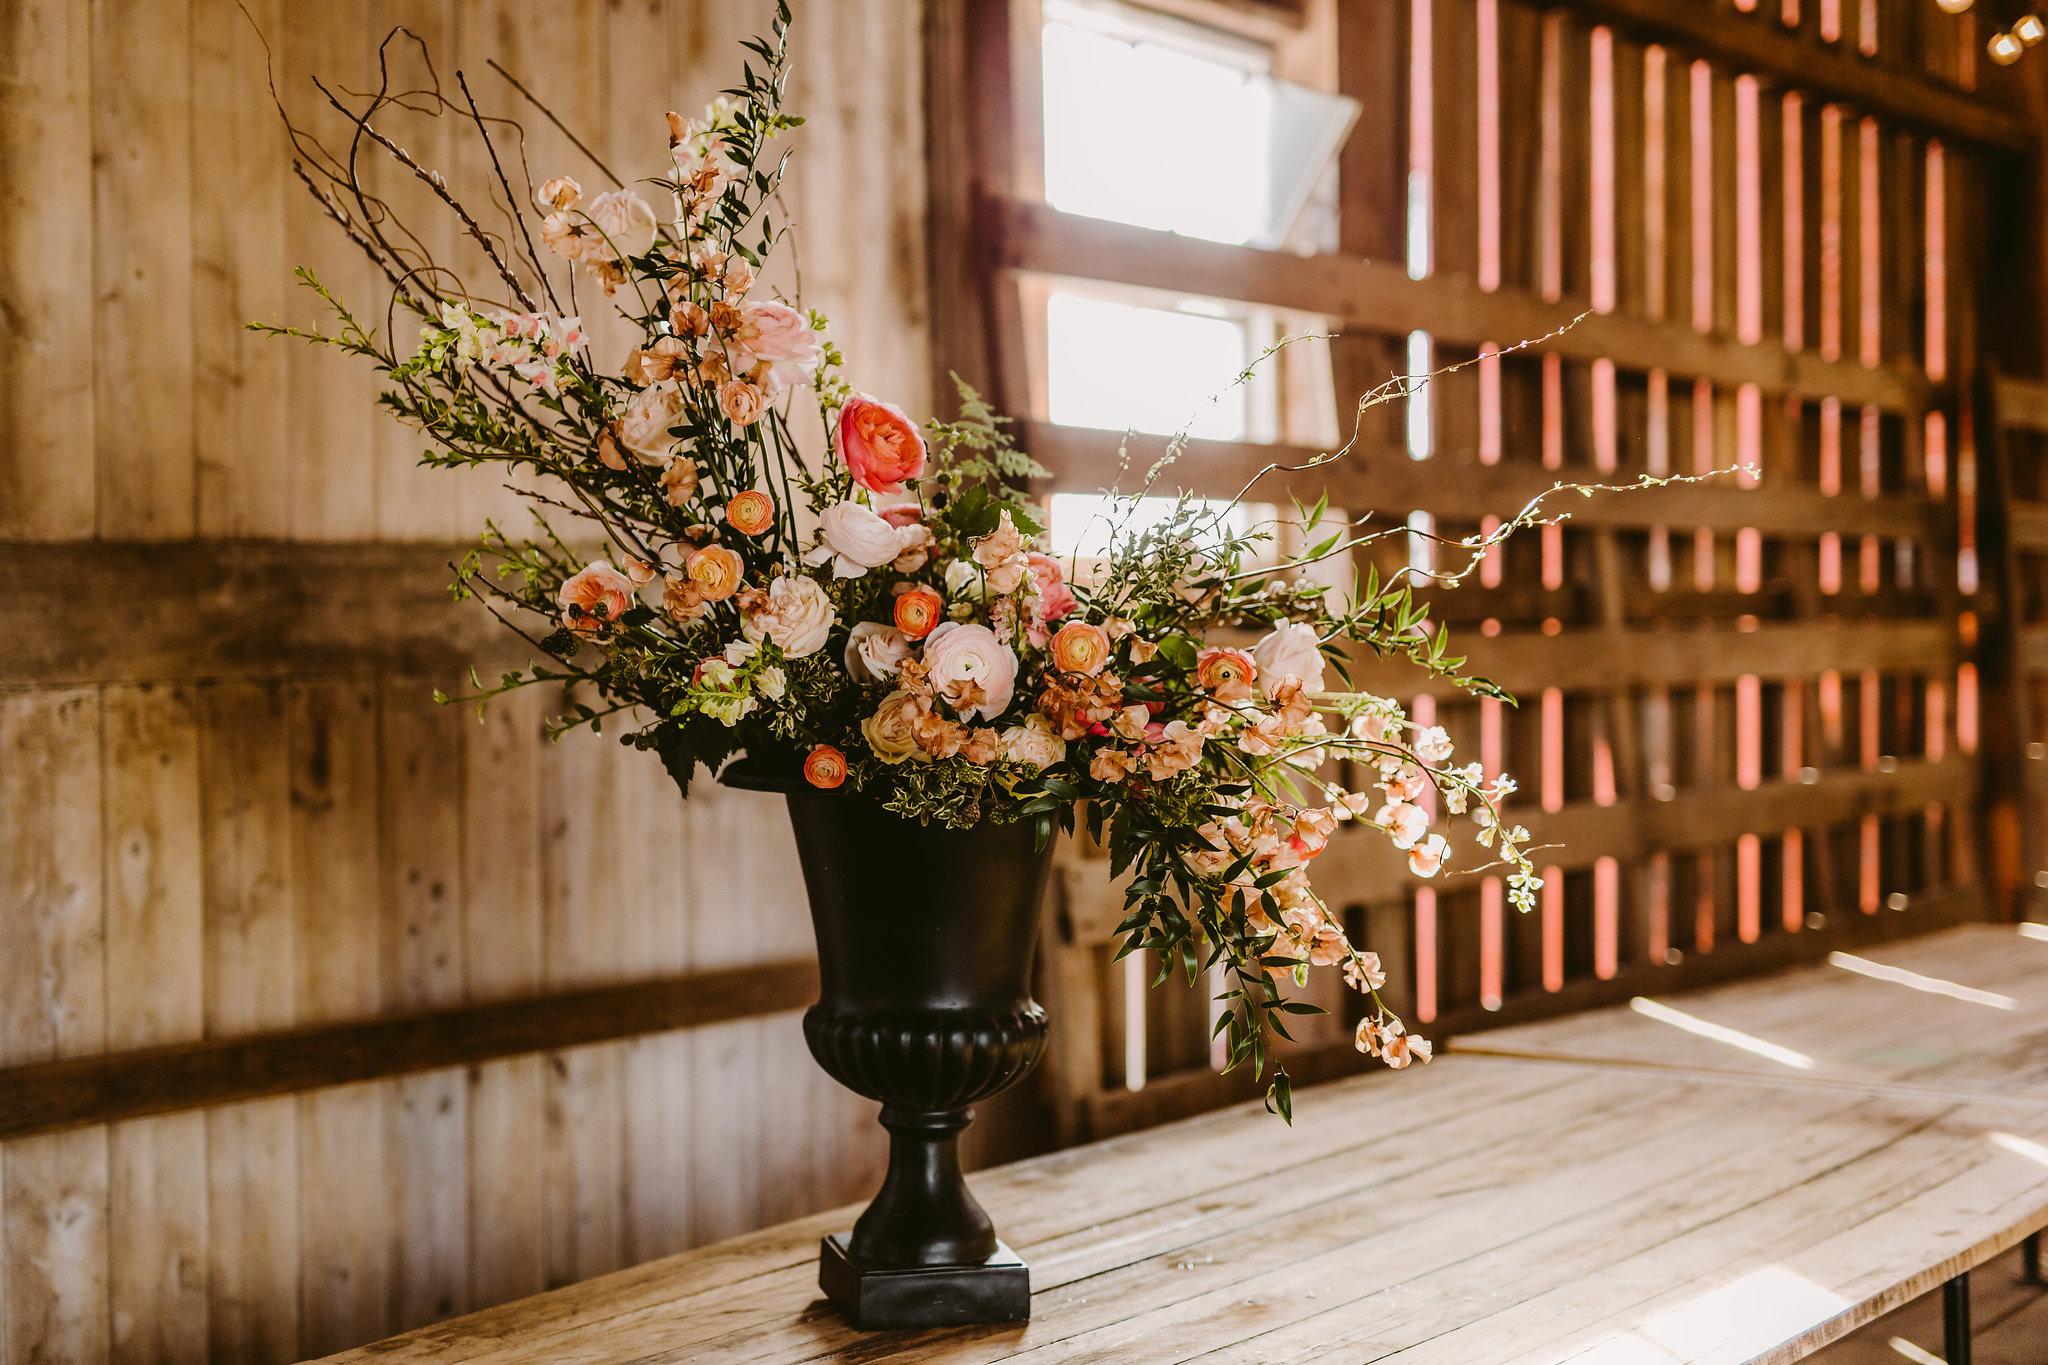 large-urn-arrangement-organic-floral-design-mississippi-planners